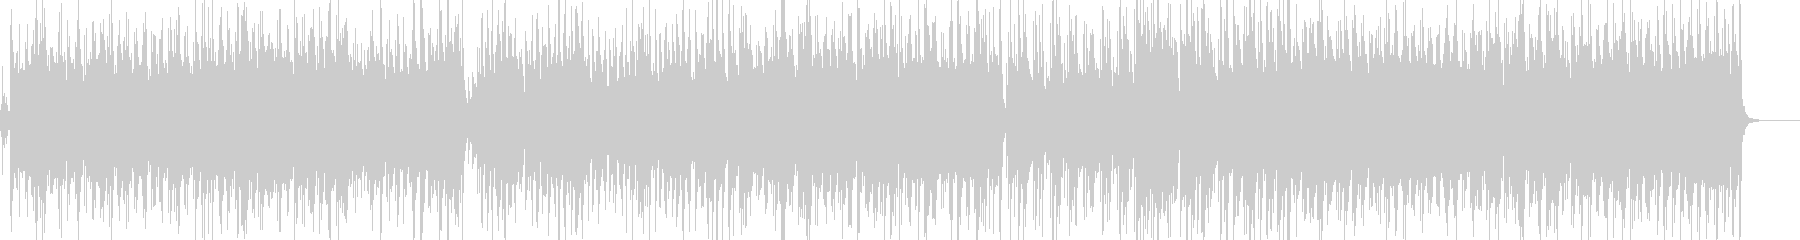 ボサノバ/ピアノ/ナイロンギター/カフェの未再生の波形